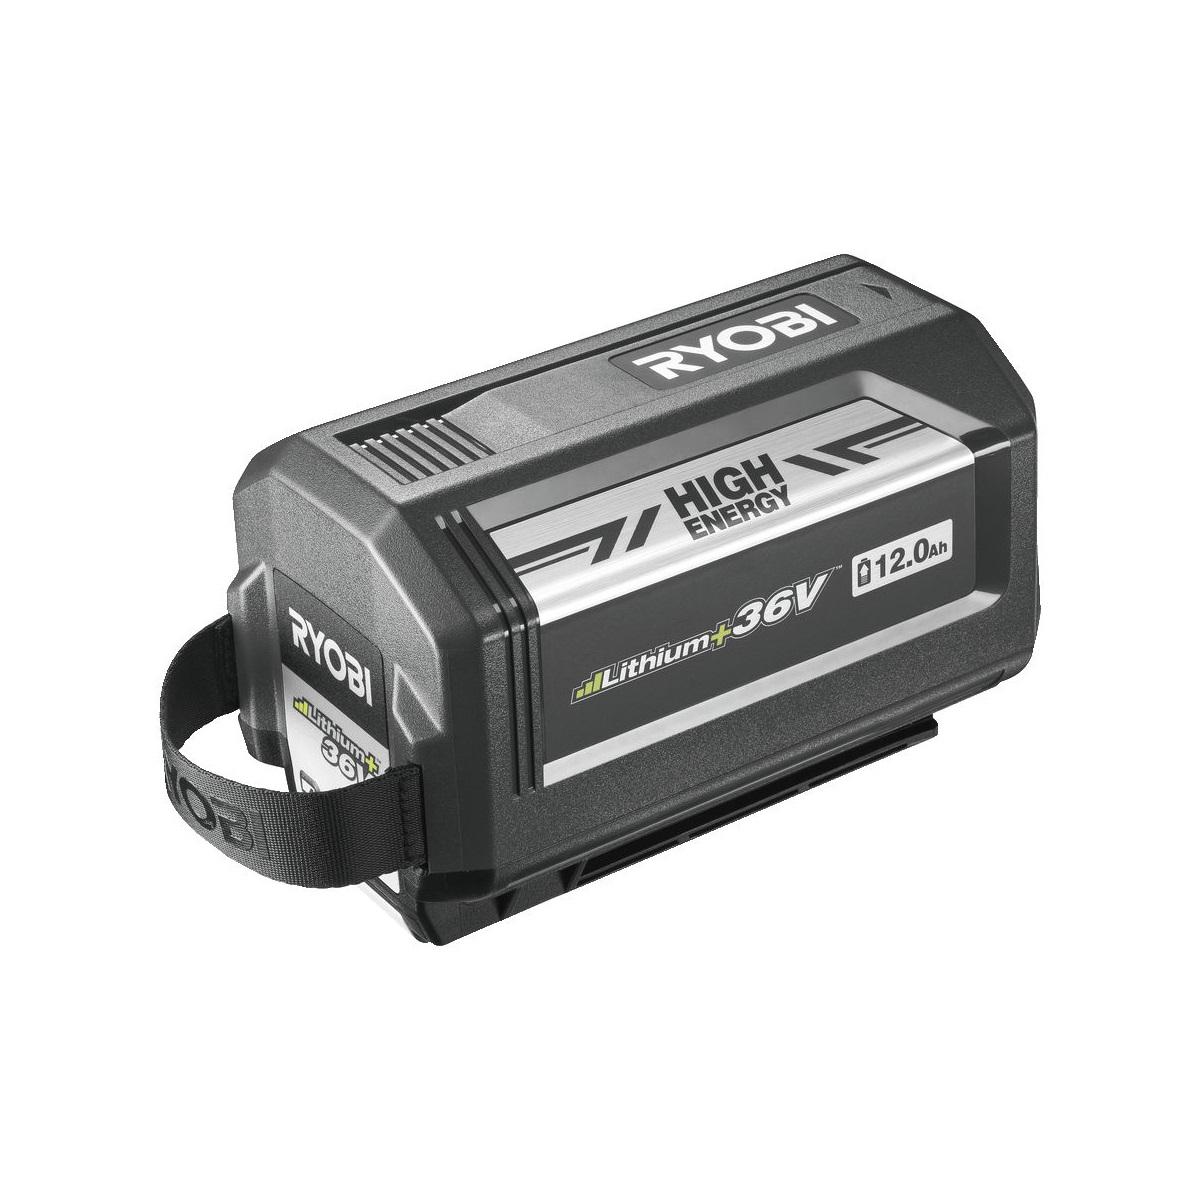 Ryobi RY36B12A, 36V 1x 12,0 Ah High Energy akumulátor